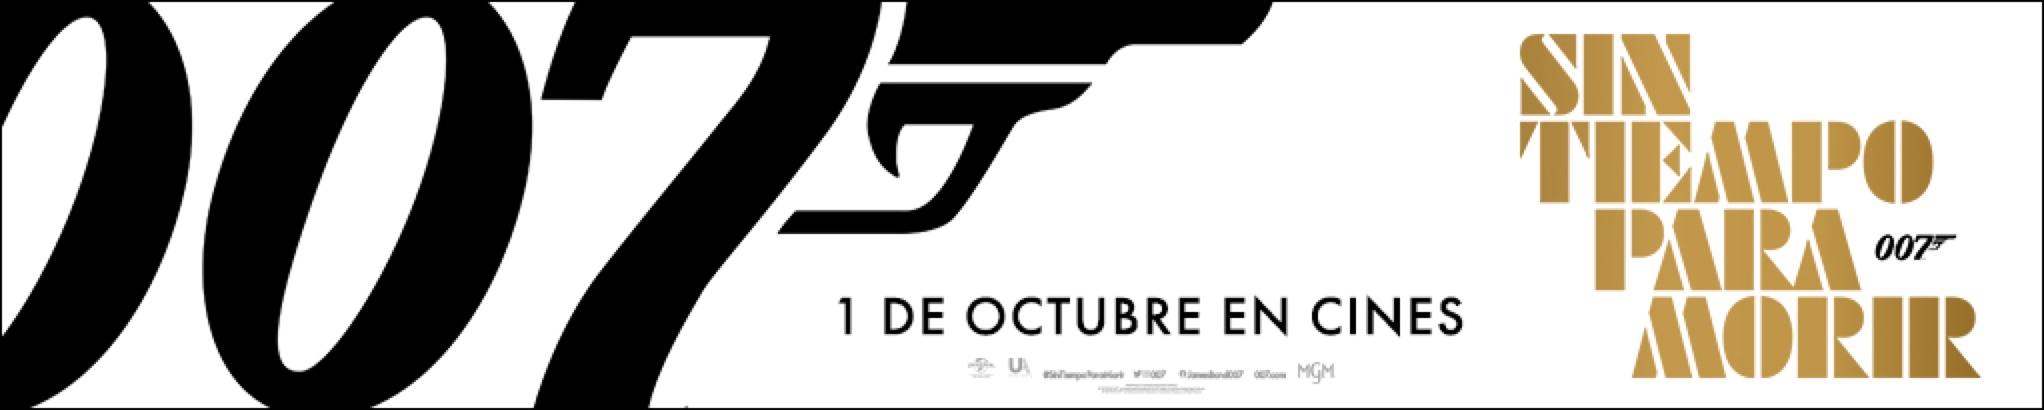 Banner de SIN TIEMPO PARA MORIR